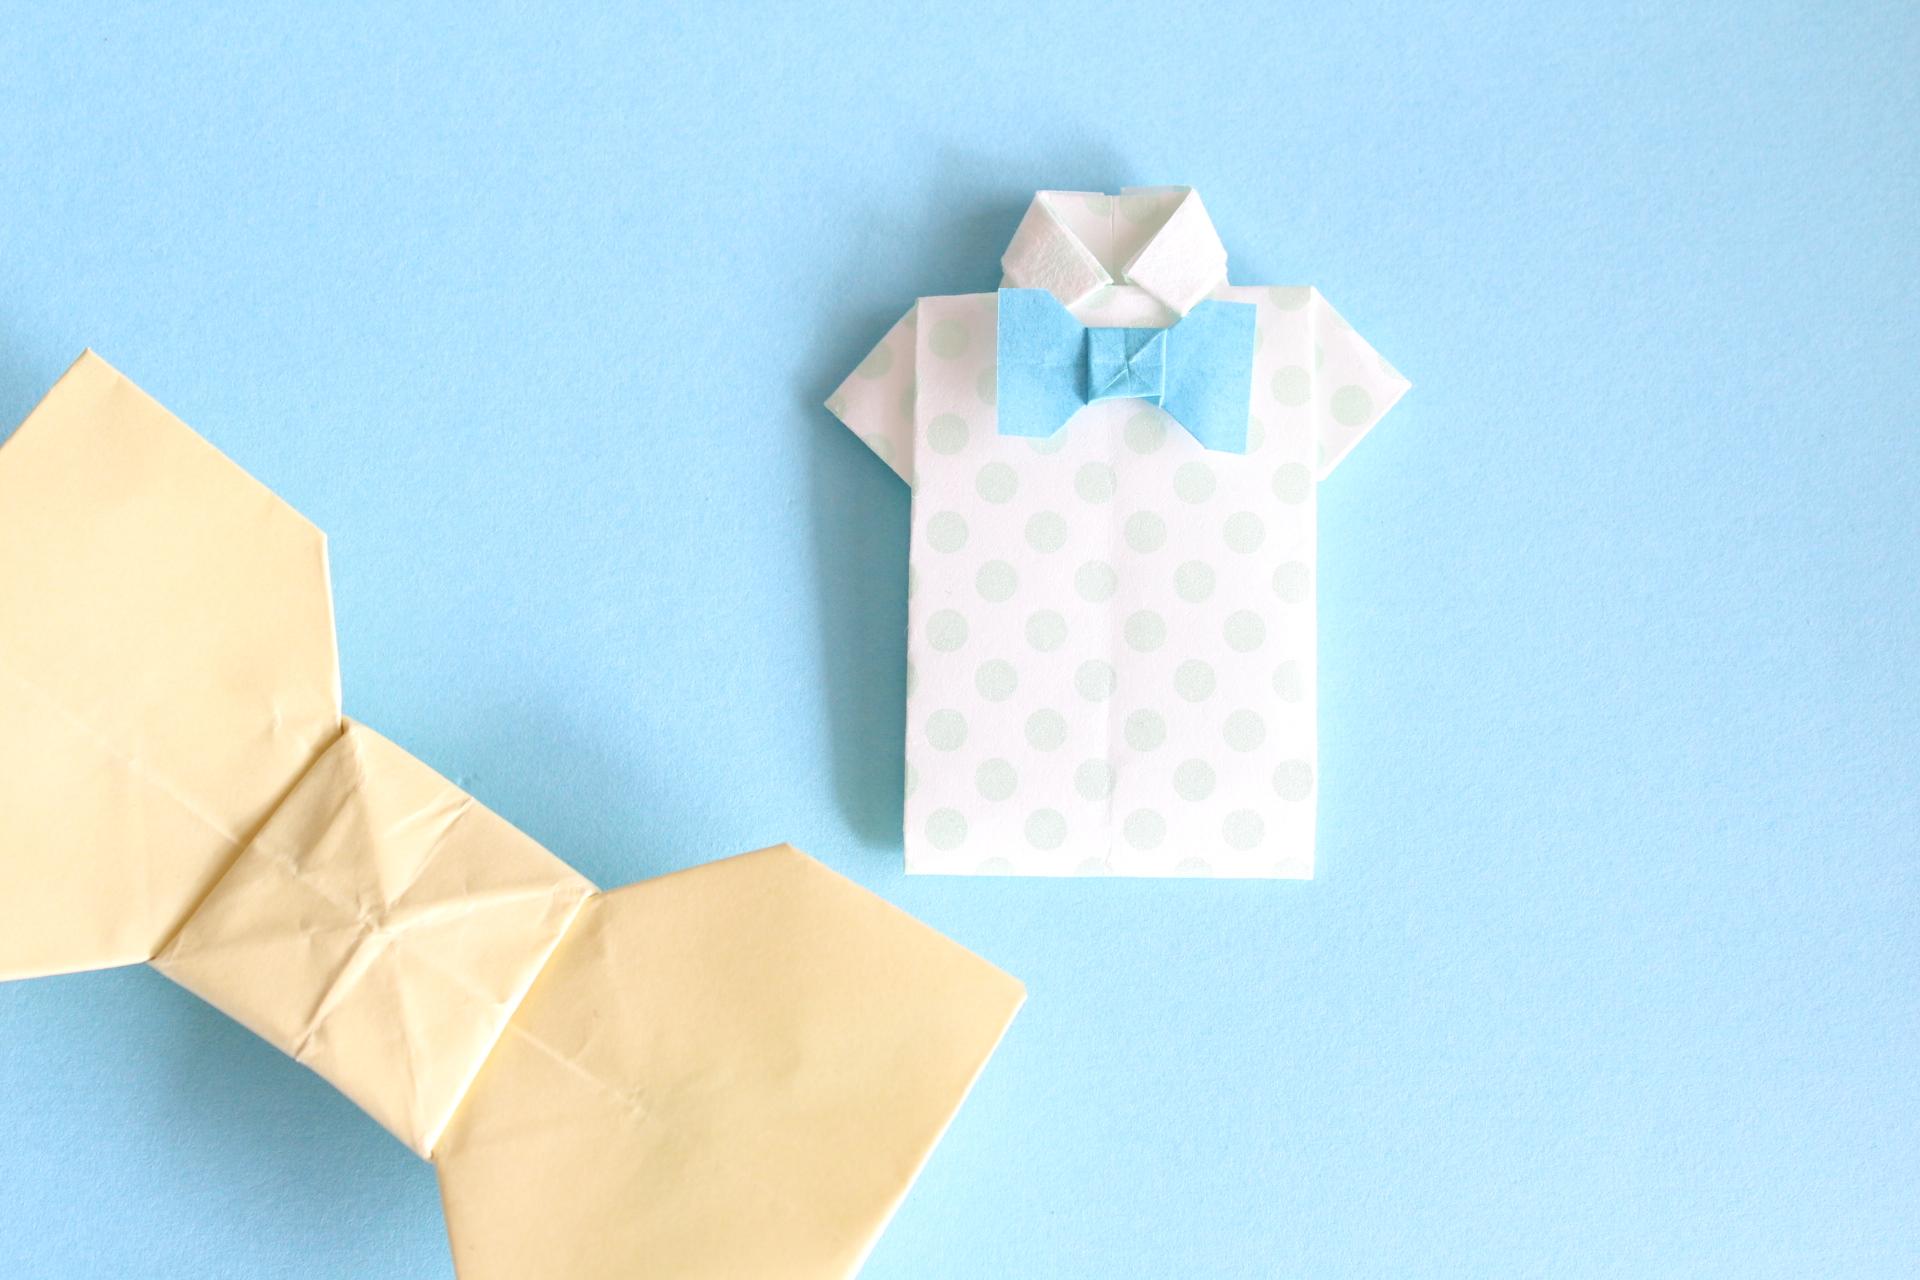 蝶ネクタイの折り方